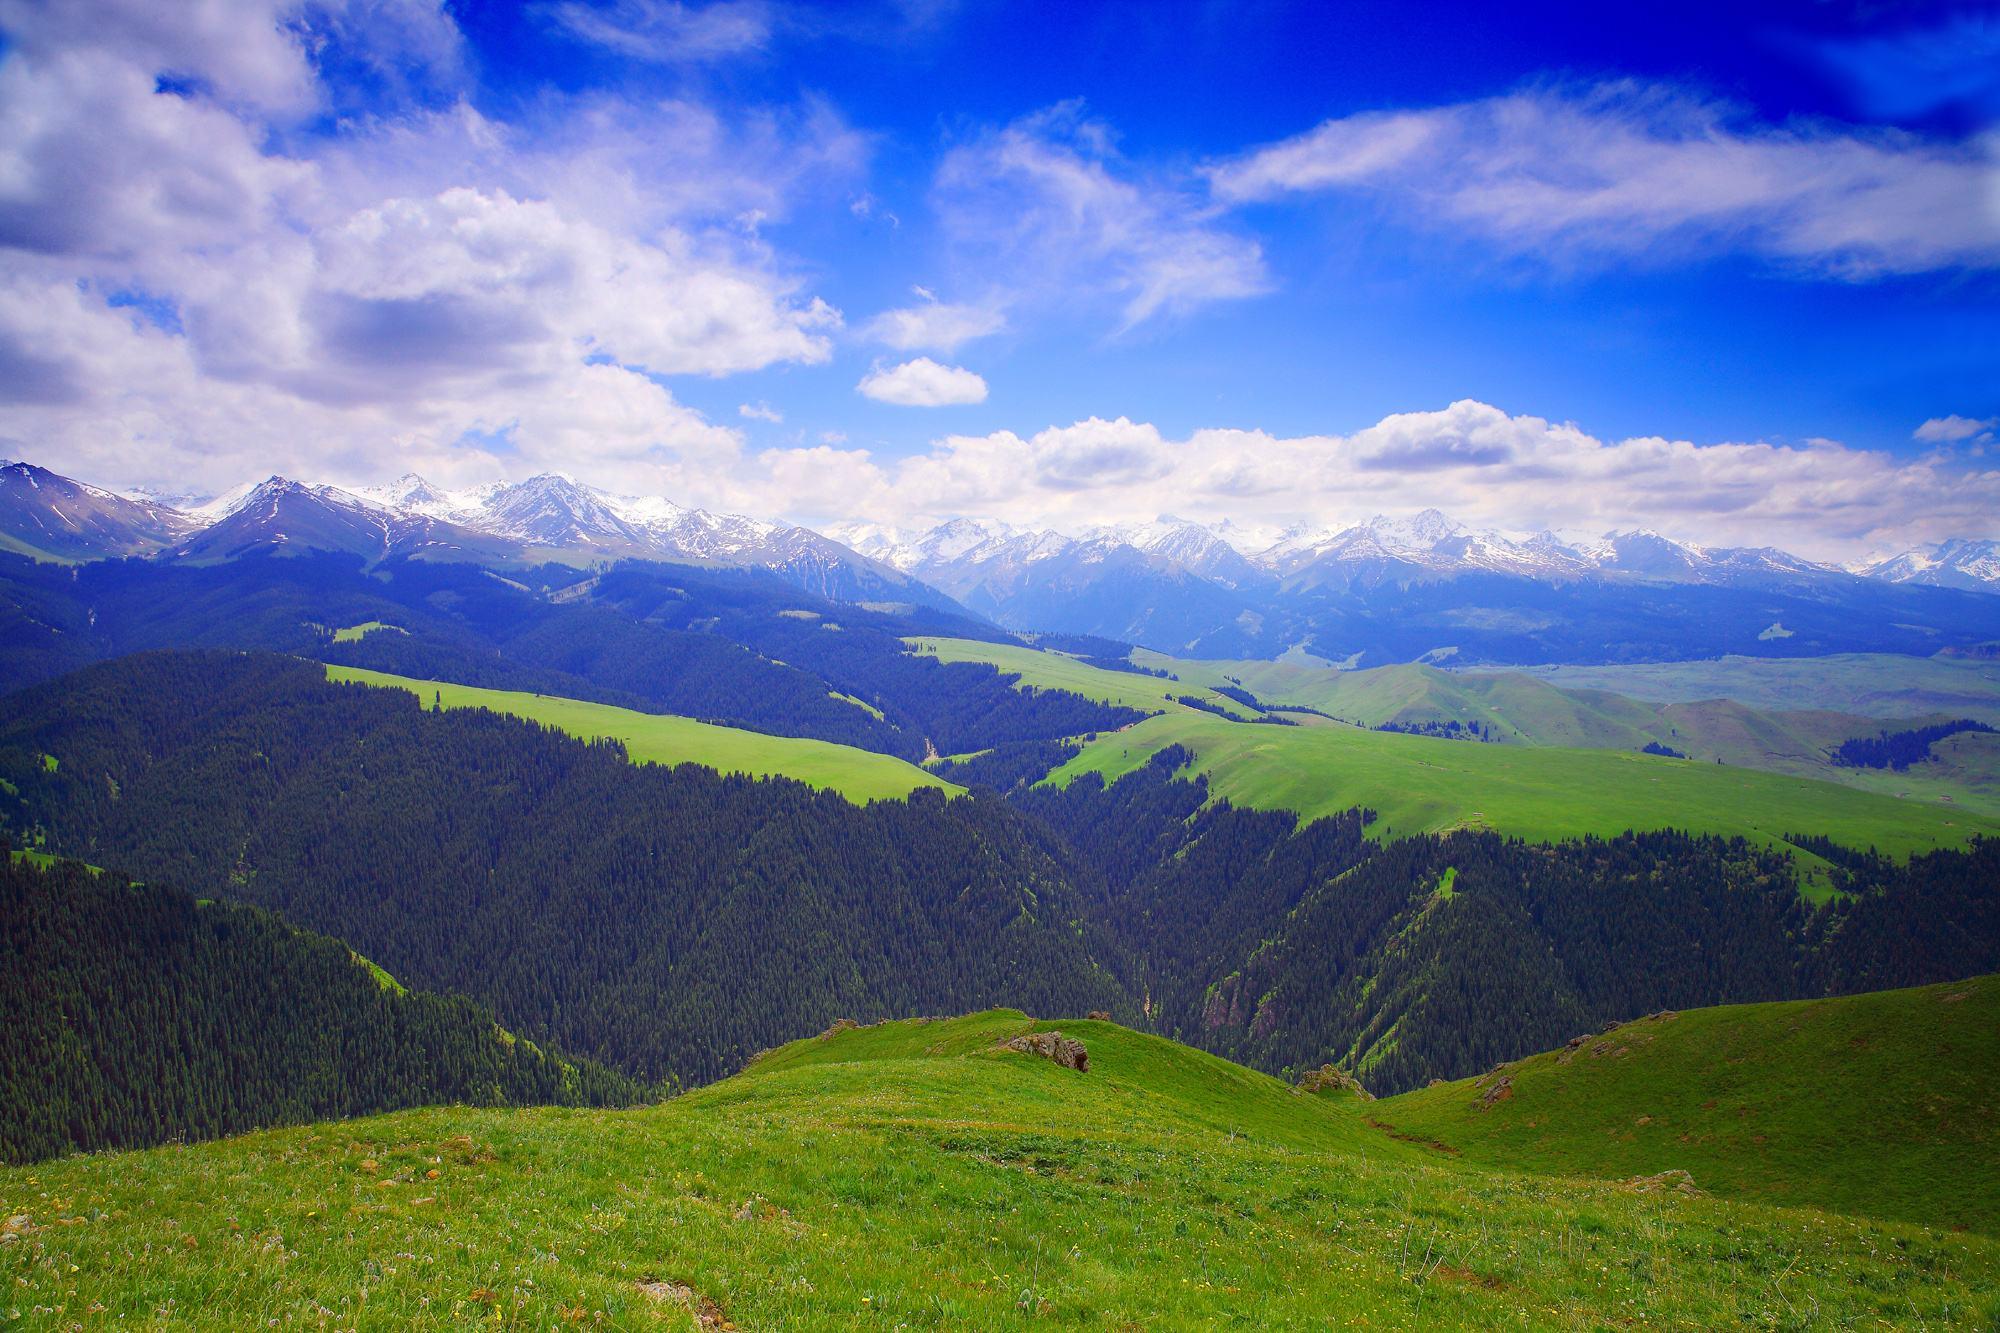 新疆 | 在自由与人间的交界处狂奔